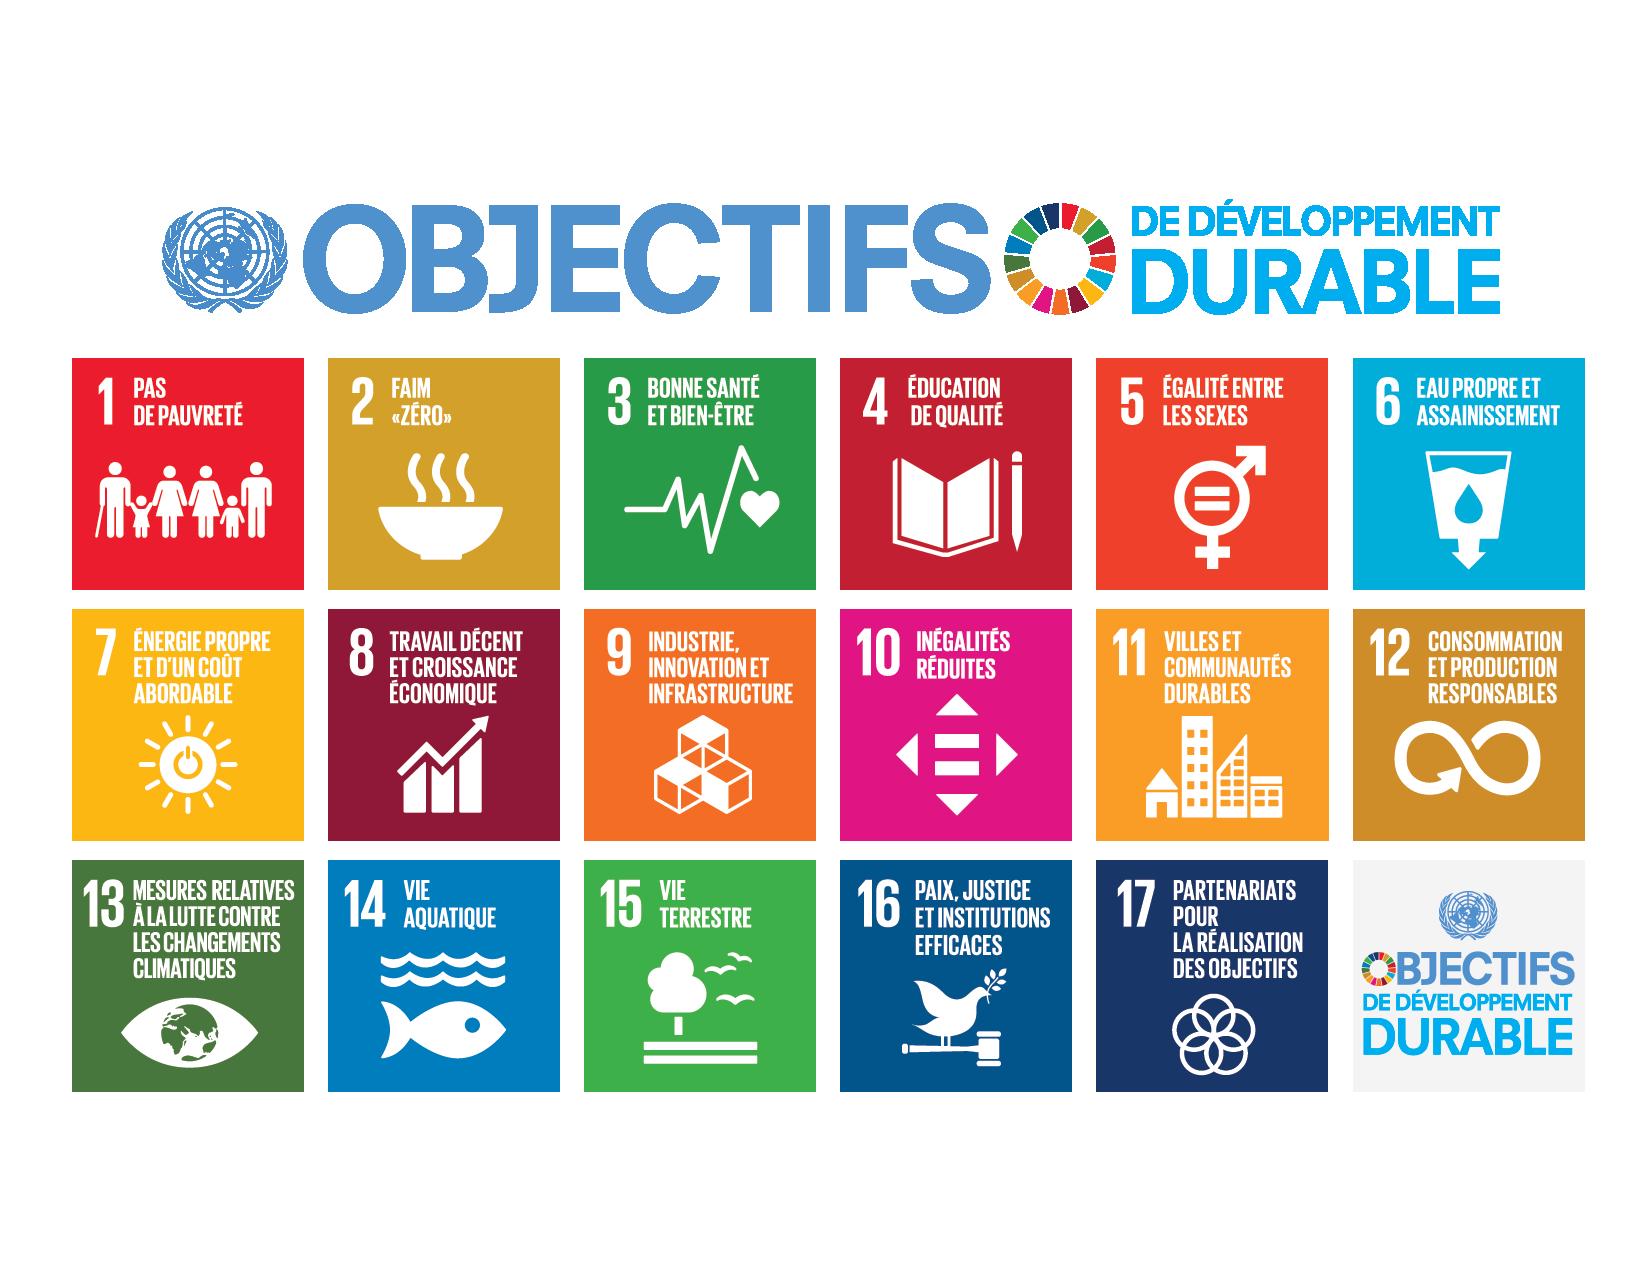 Représentation officielle des 17 ODD avec le code de chaque objectif, son thème et sa couleur distinctive.